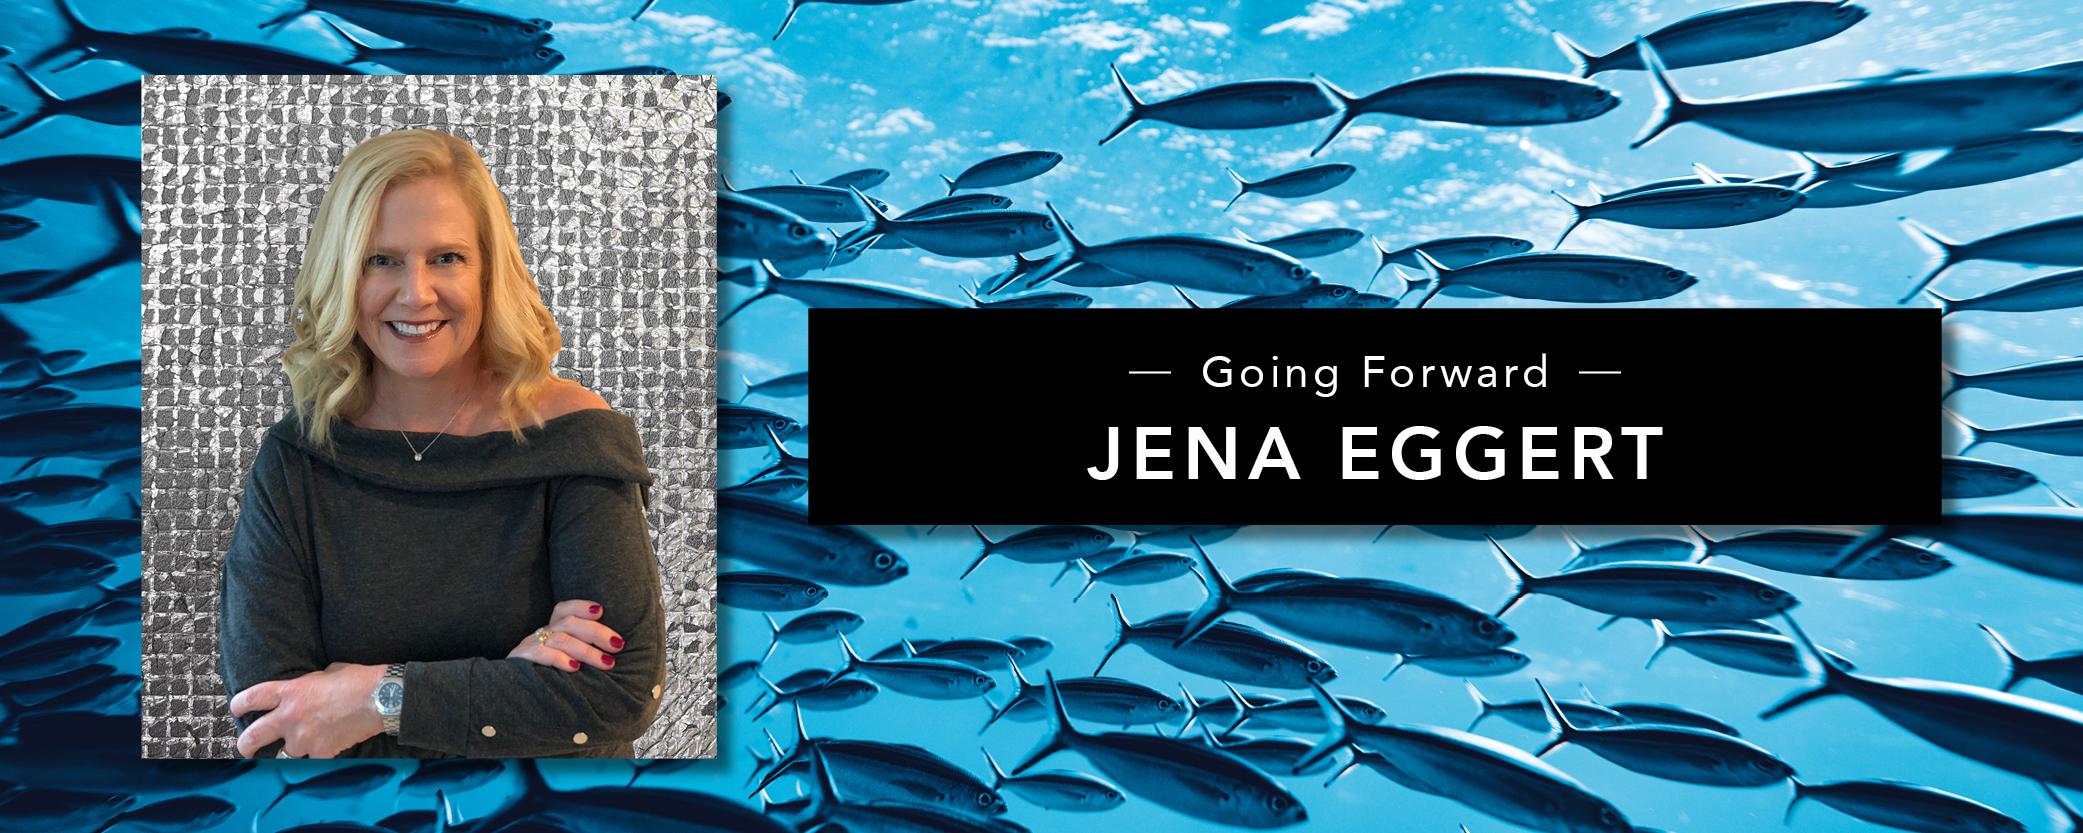 Jena Eggert